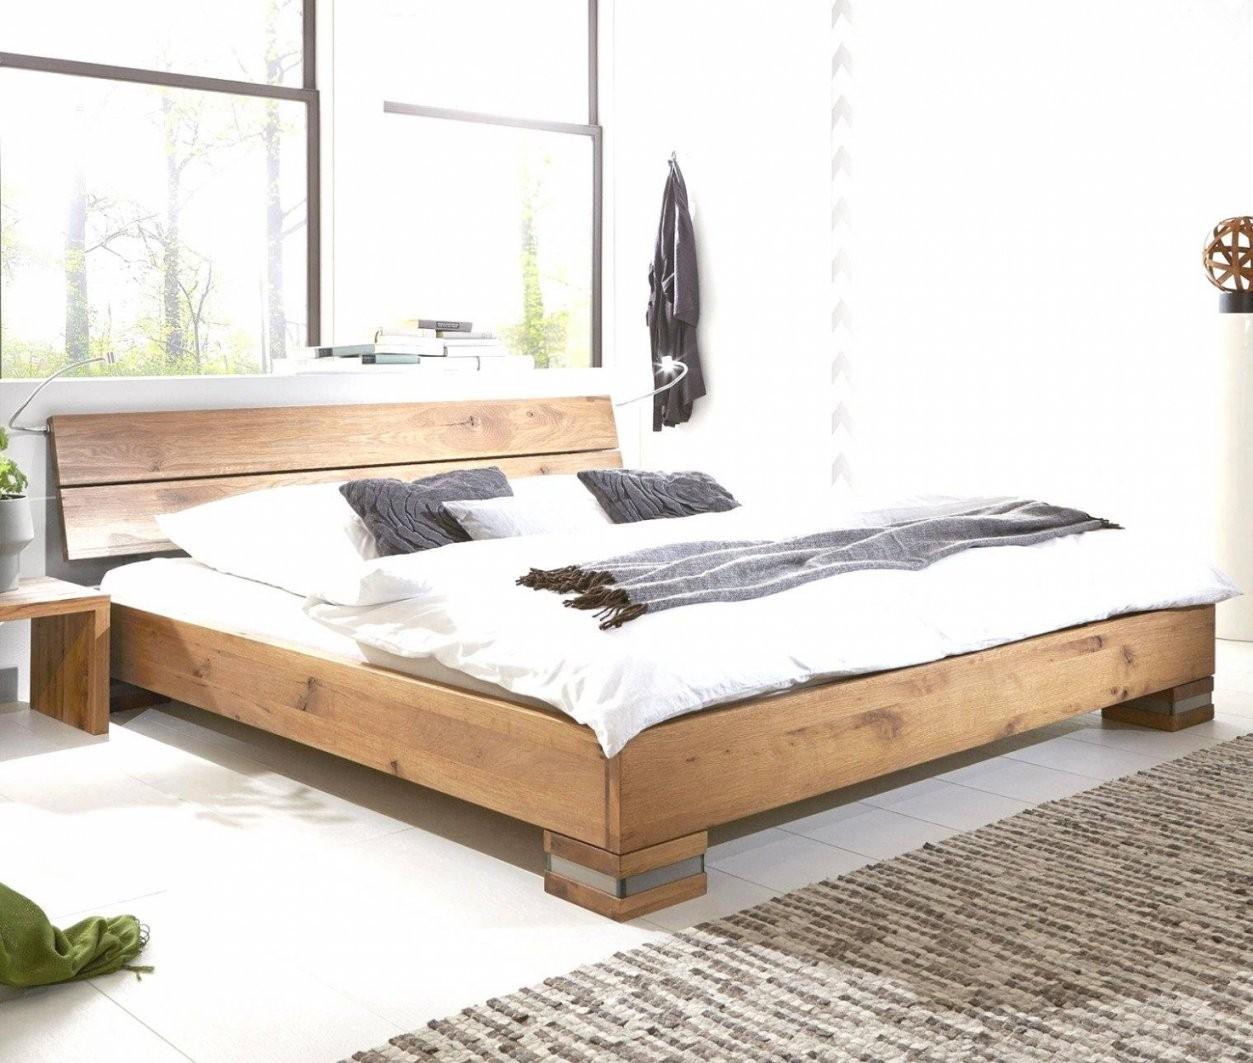 Frisch 30 Europaletten Bett 160X200 Design Wohnträume Verwirklichen von Europaletten Bett 160X200 Bild